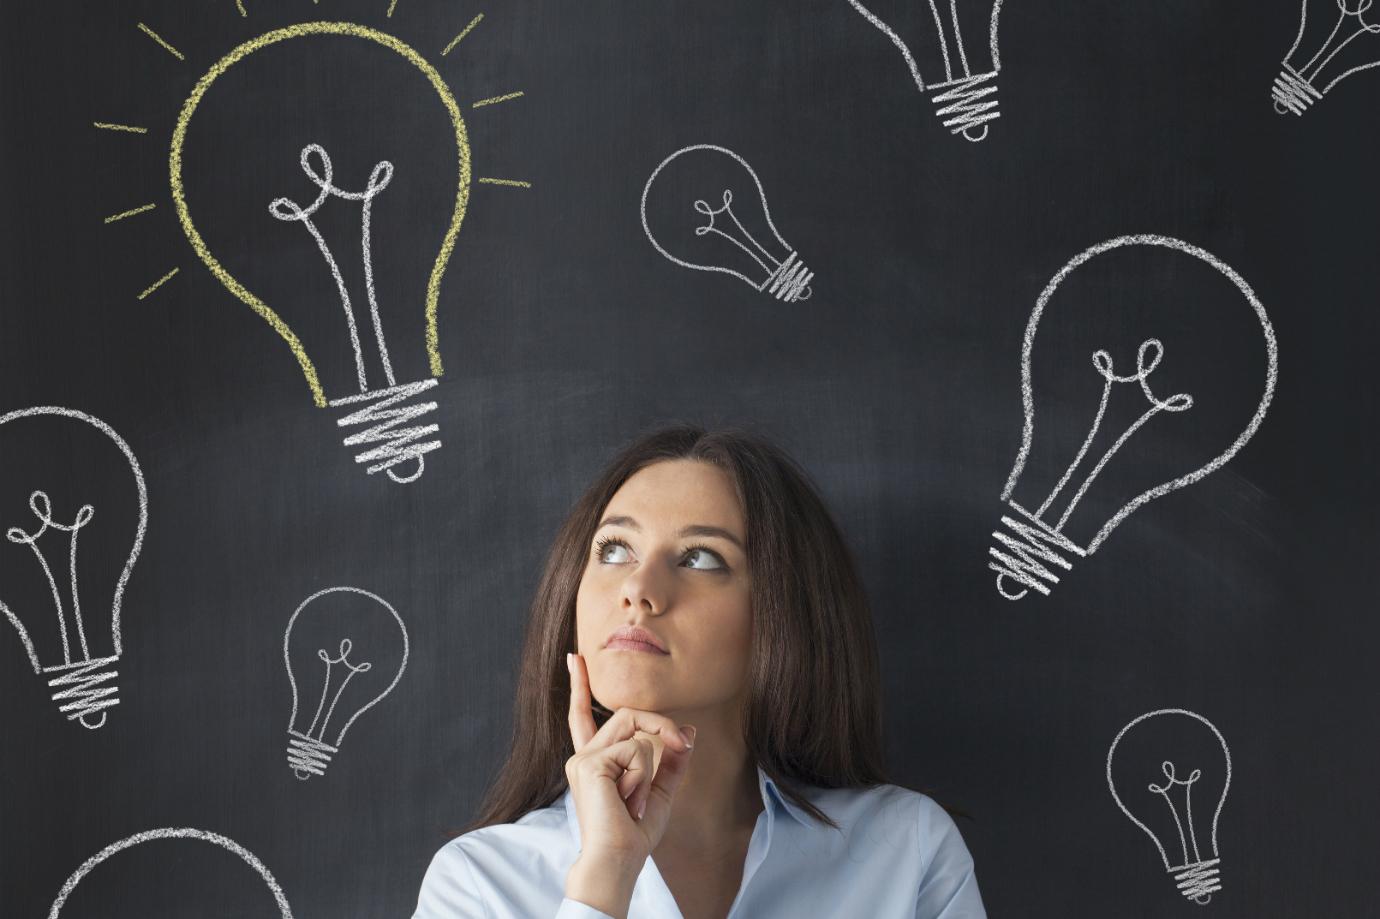 Pequenos negócios - como iniciar um empreendimento com pouco dinheiro